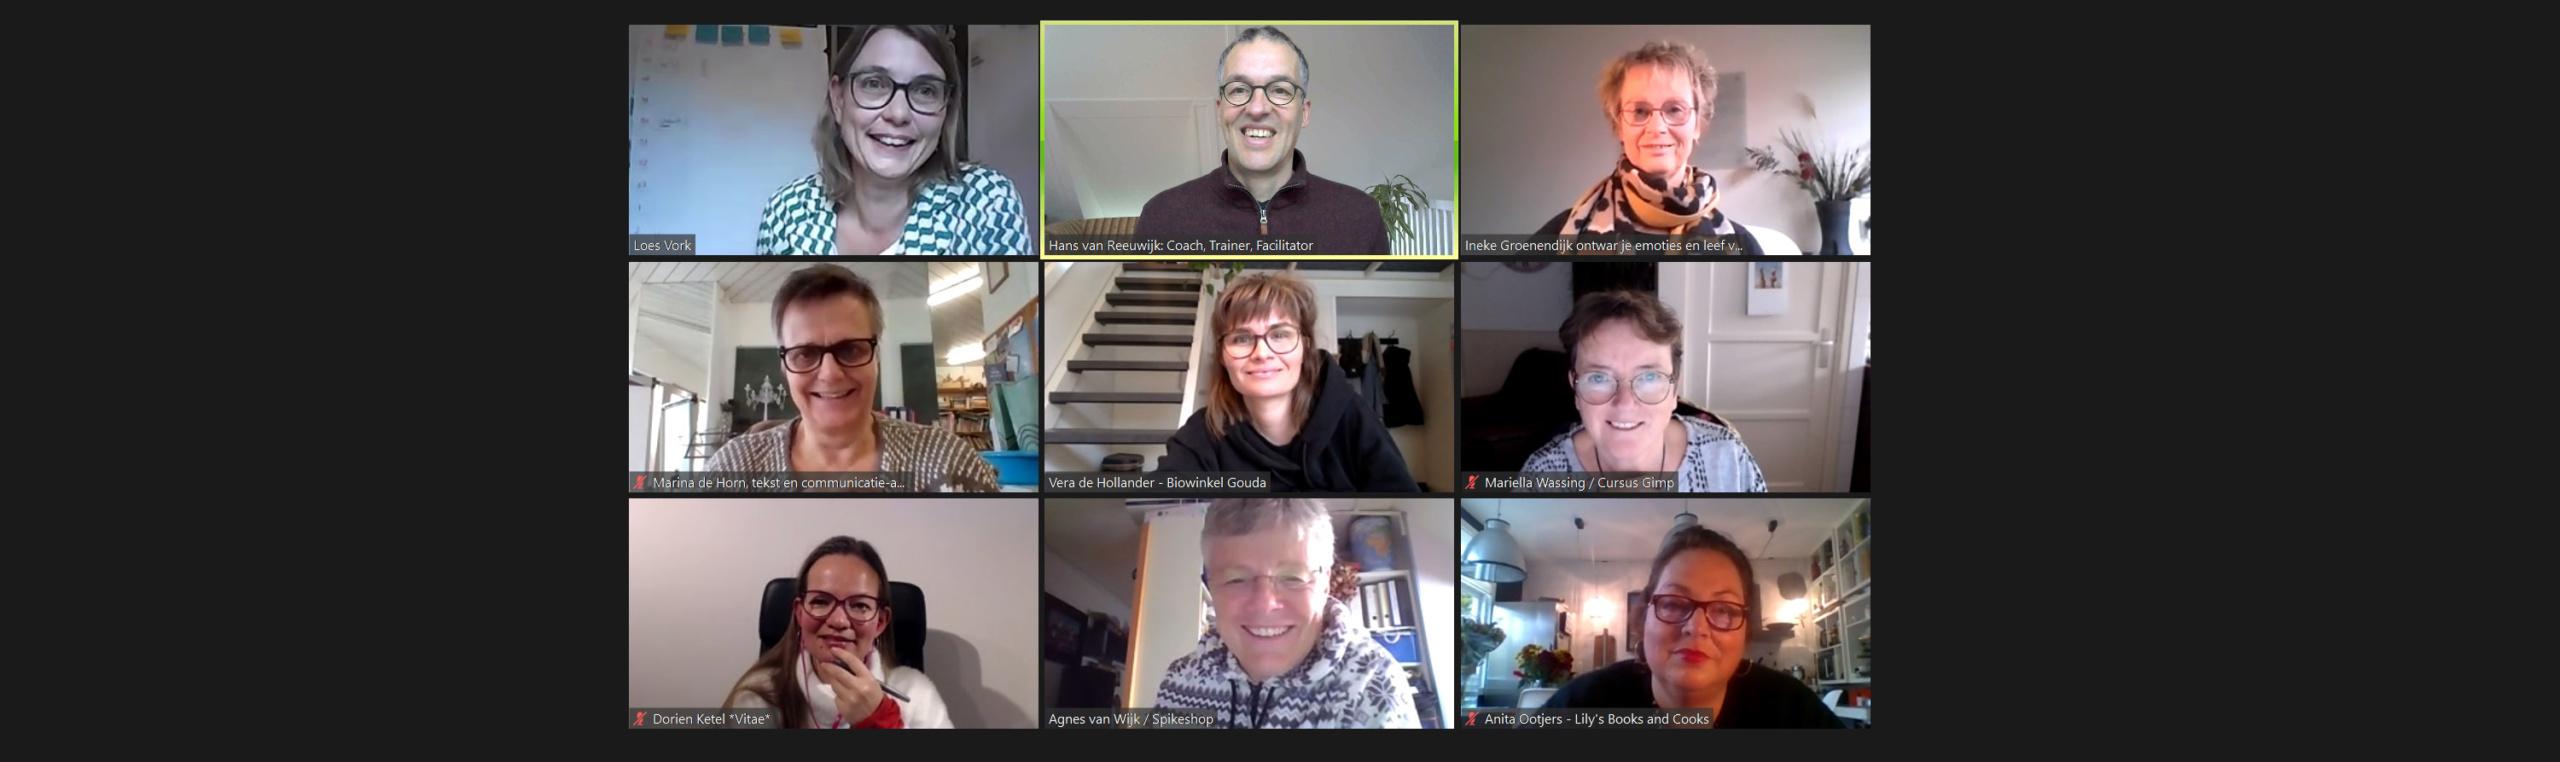 Screenshot van een online bijeenkomst